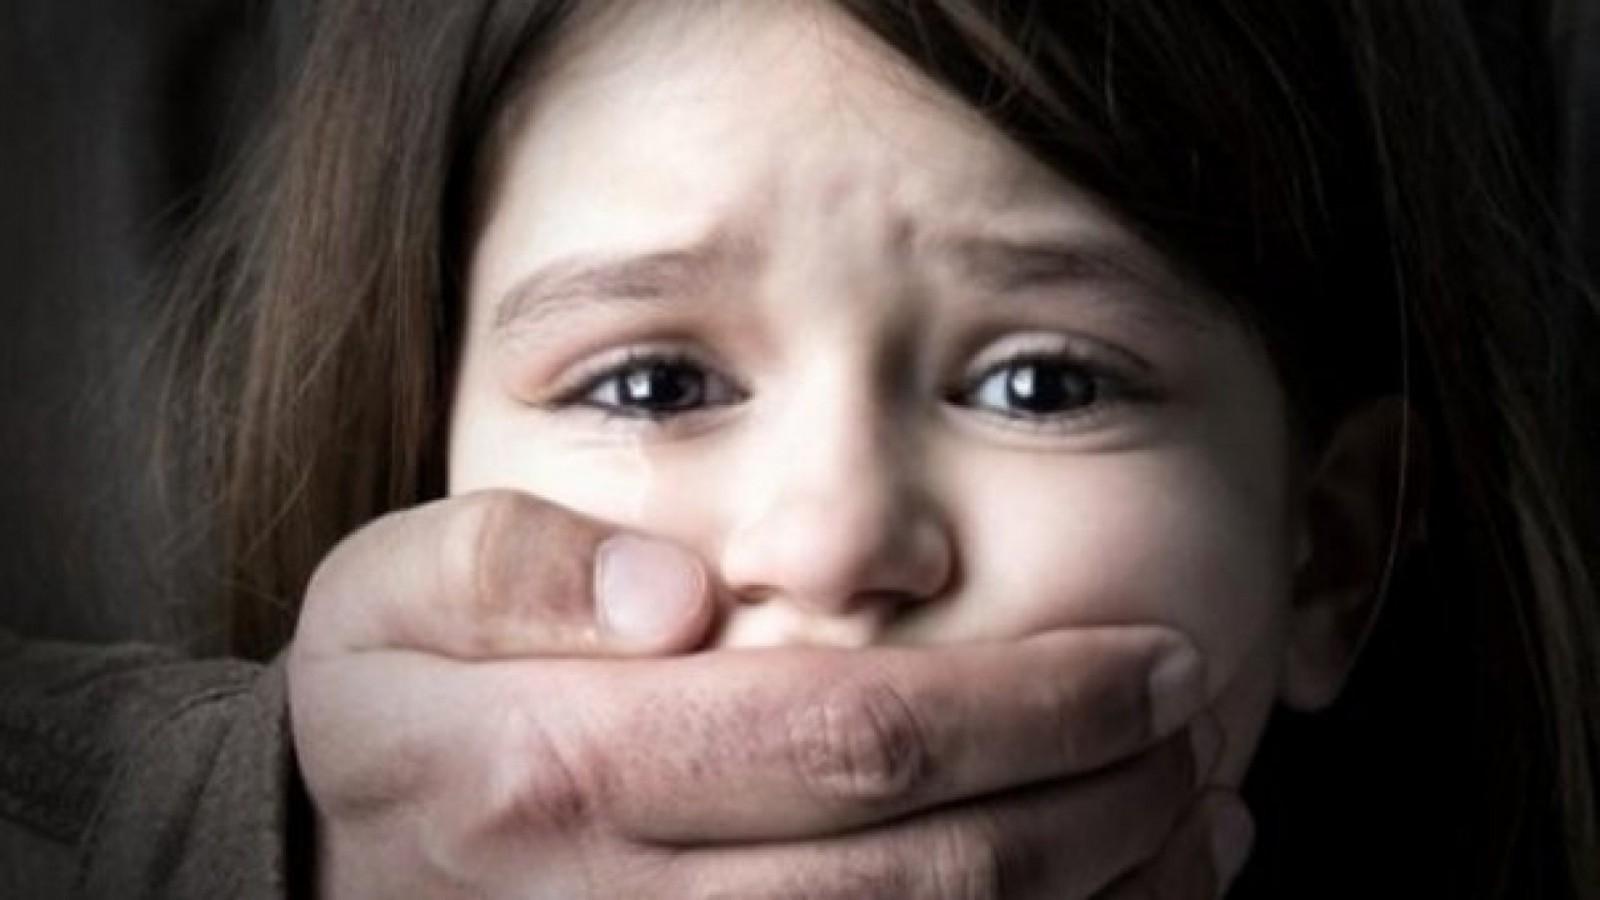 Caz șocant în raionul Anenii Noi: O copilă de șapte ani, agresată sexual. Un vecin a dezbrăcat-o și a efectuat atingeri indecente pe corpul minorei